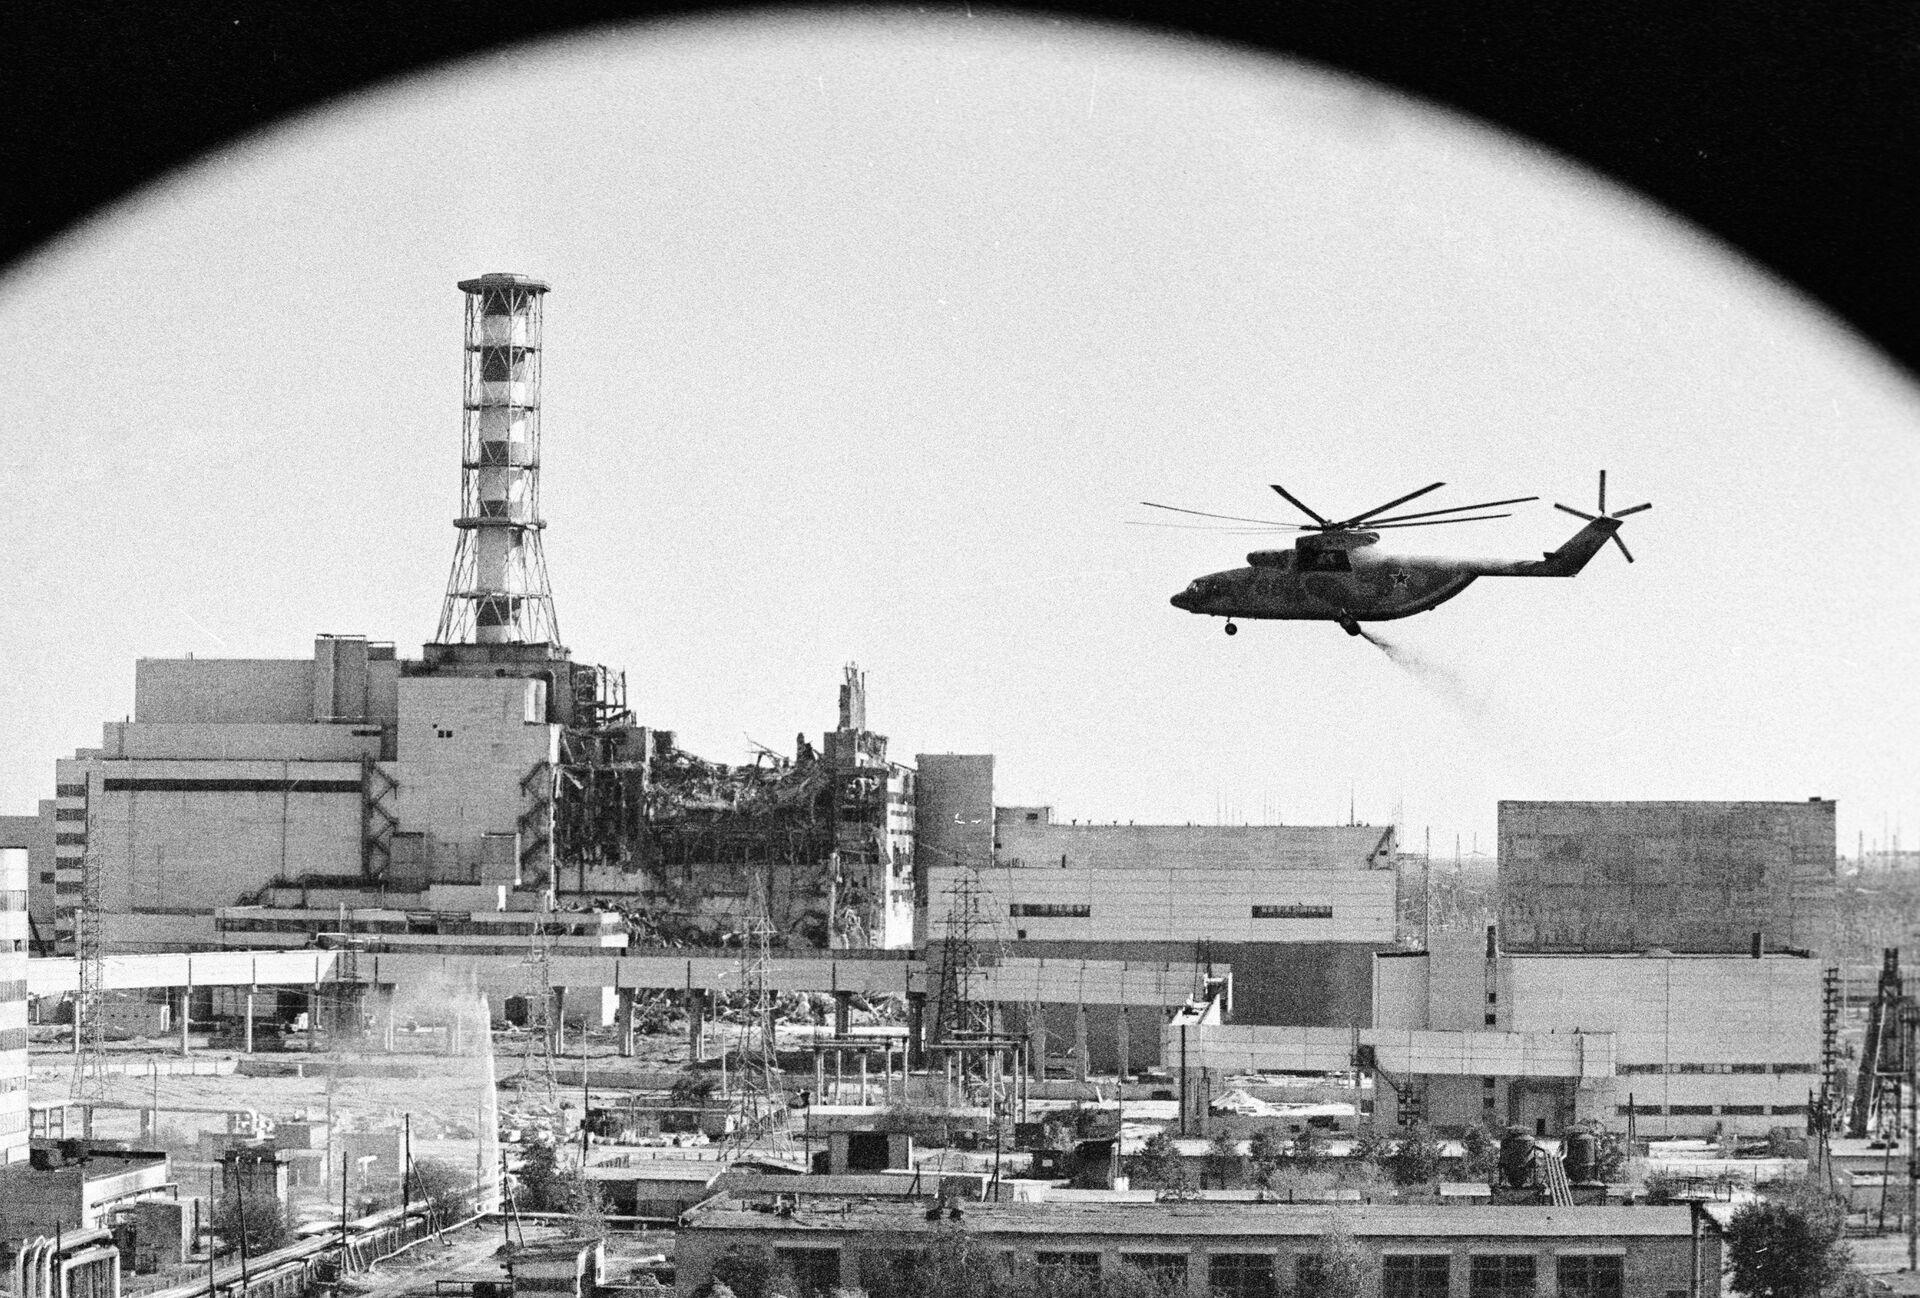 Вертолеты ведут дезактивацию зданий Чернобыльской атомной электростанции после аварии. 1986 год - РИА Новости, 1920, 10.03.2021